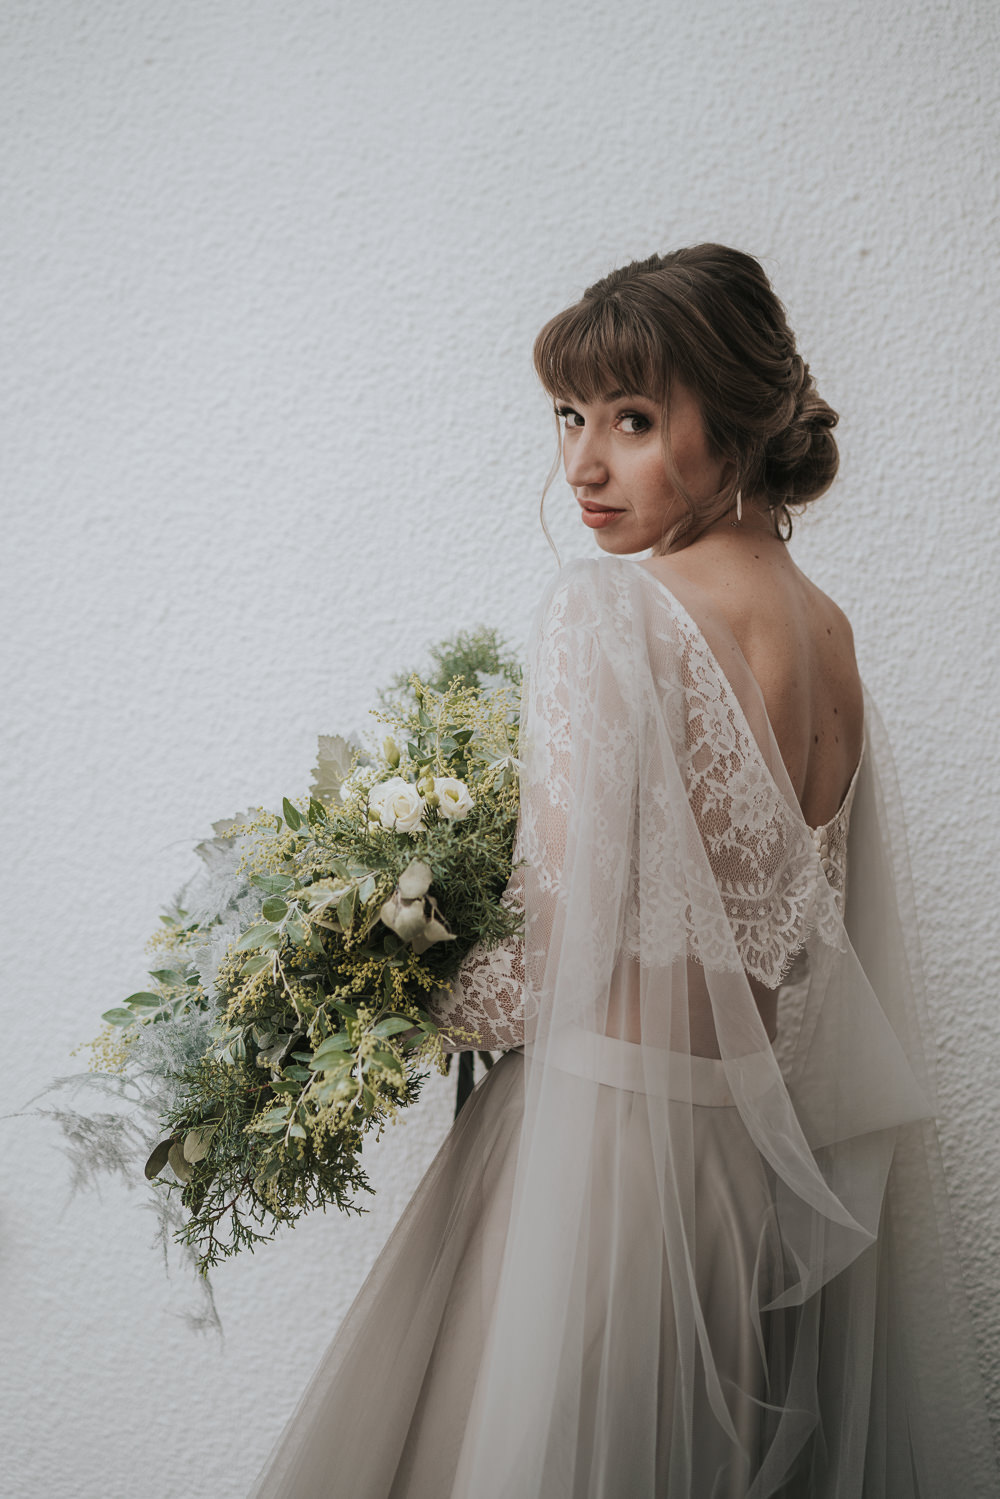 Dress Gown Bride Bridal Separates Lace Top Tulle Skirt Veil Cape Grey Wedding Ideas Grace Elizabeth